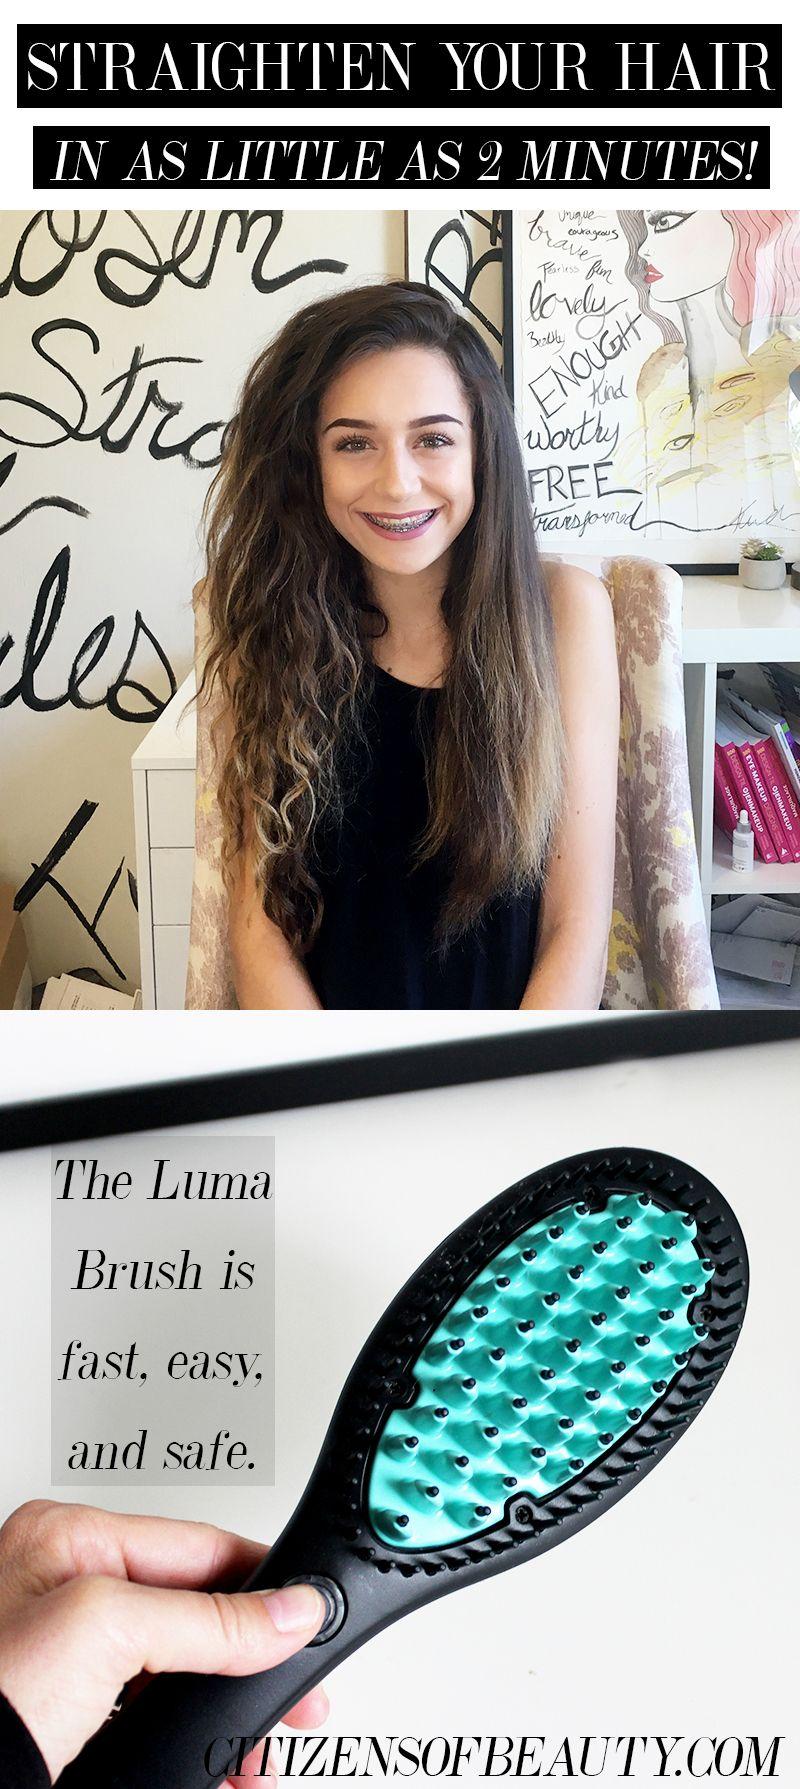 Luma brush hair straightening tool review luma brush straight